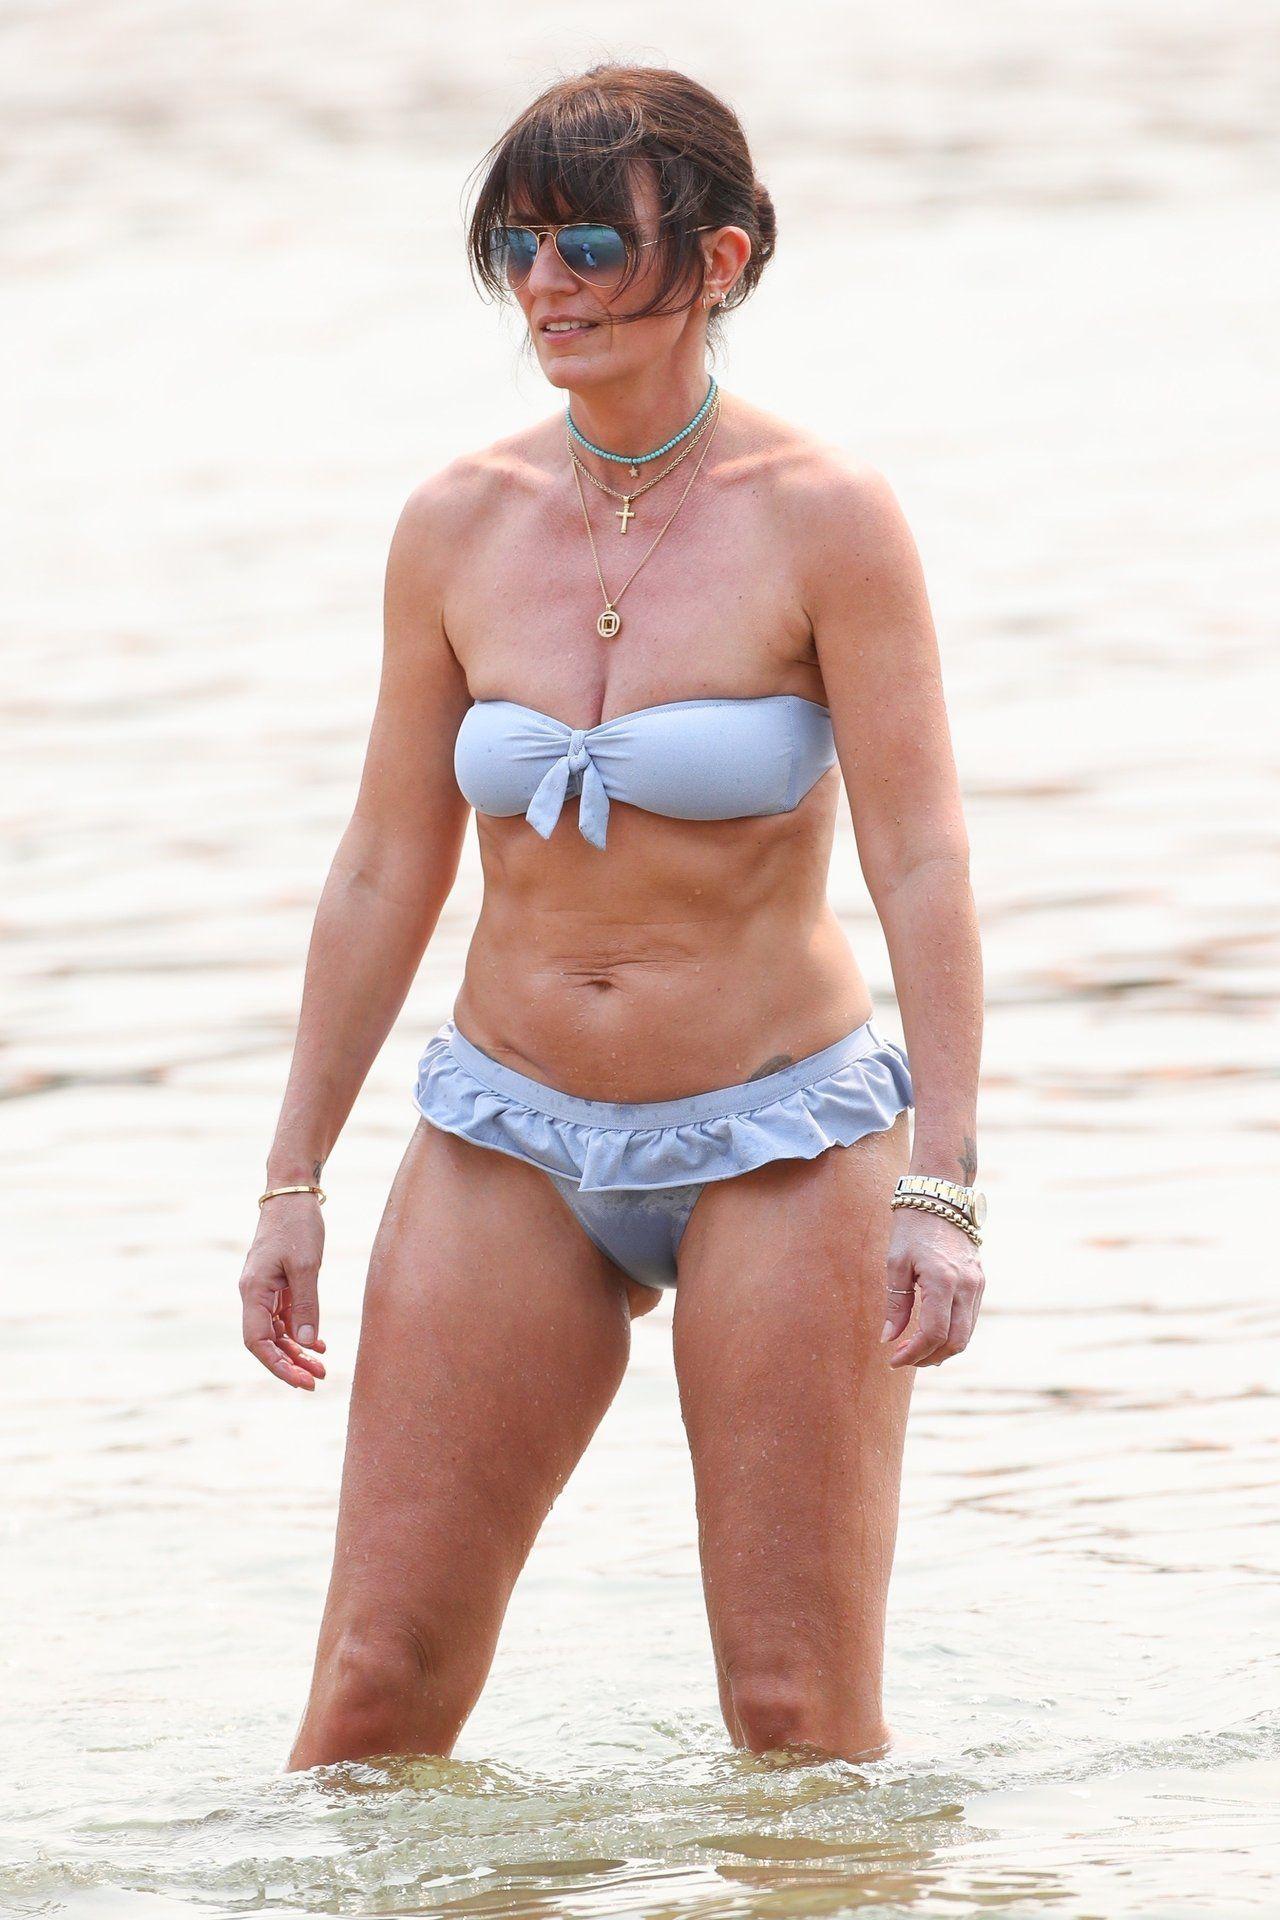 Bikini Davina mccall Davina McCall,